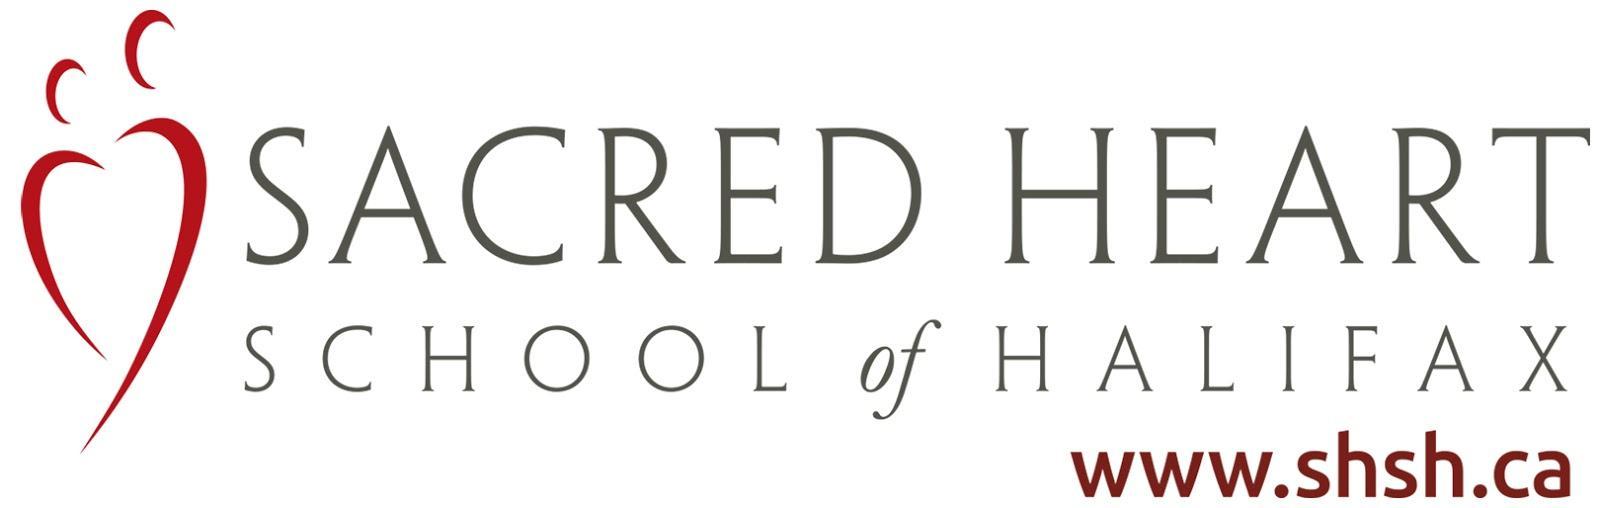 Sacred Heart School of Halifax Logo